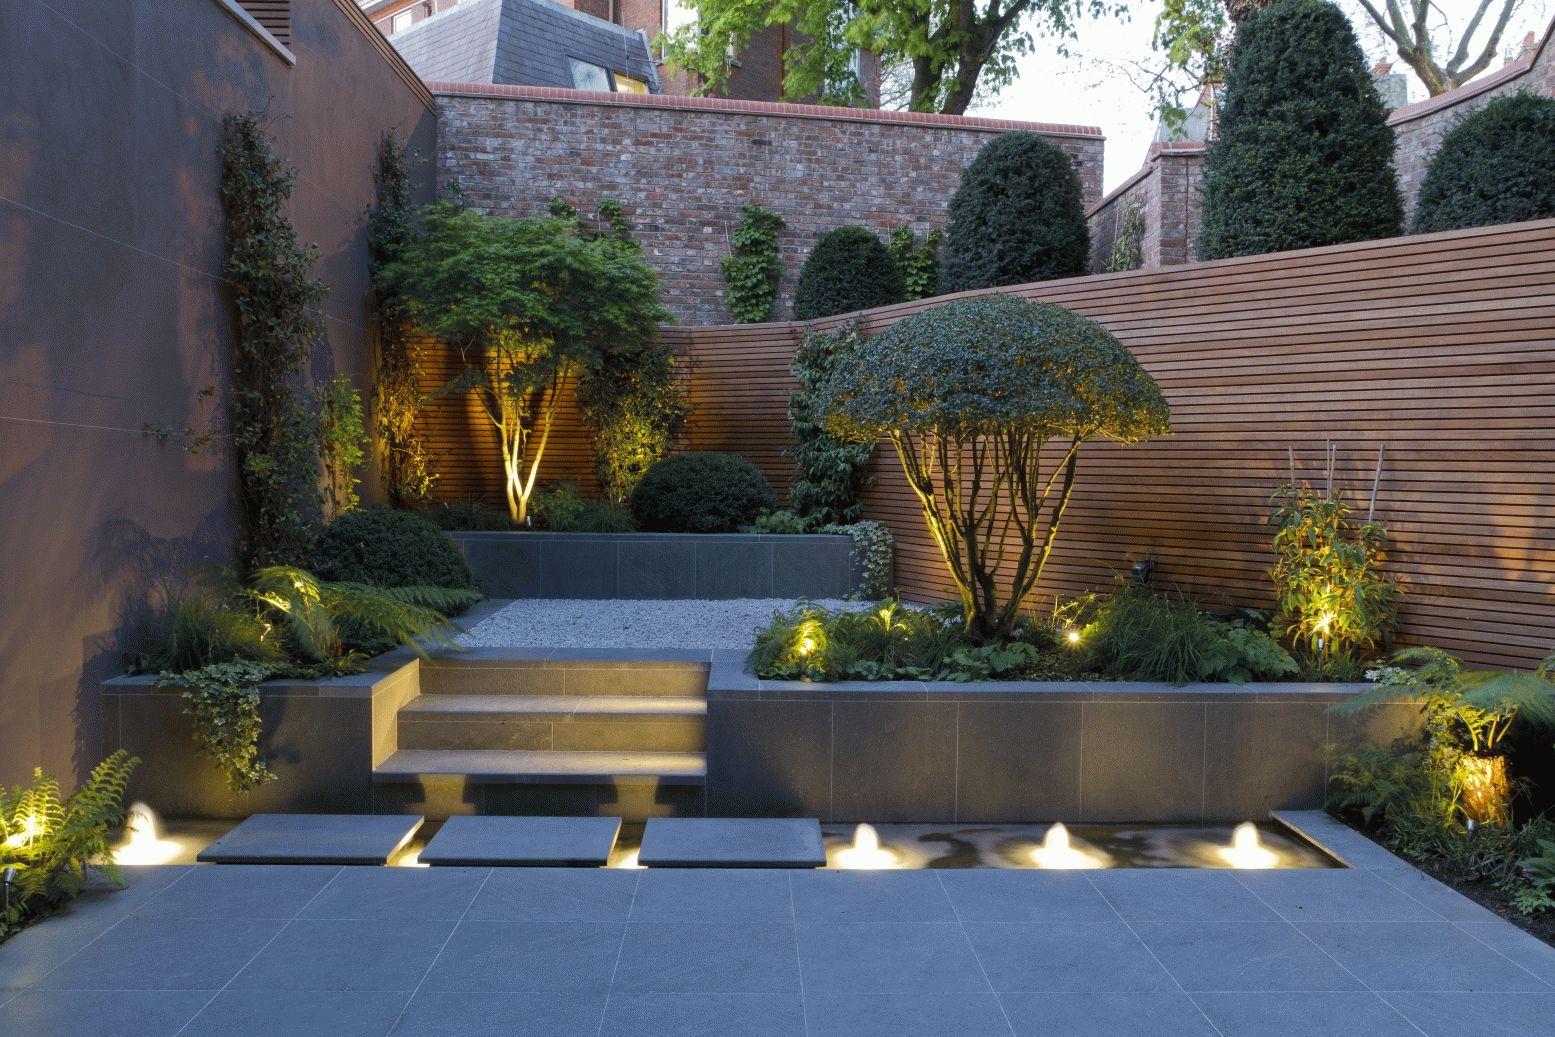 Фонтан с подсветкой: эксклюзивное украшение для квартиры и дачи (20 фото)